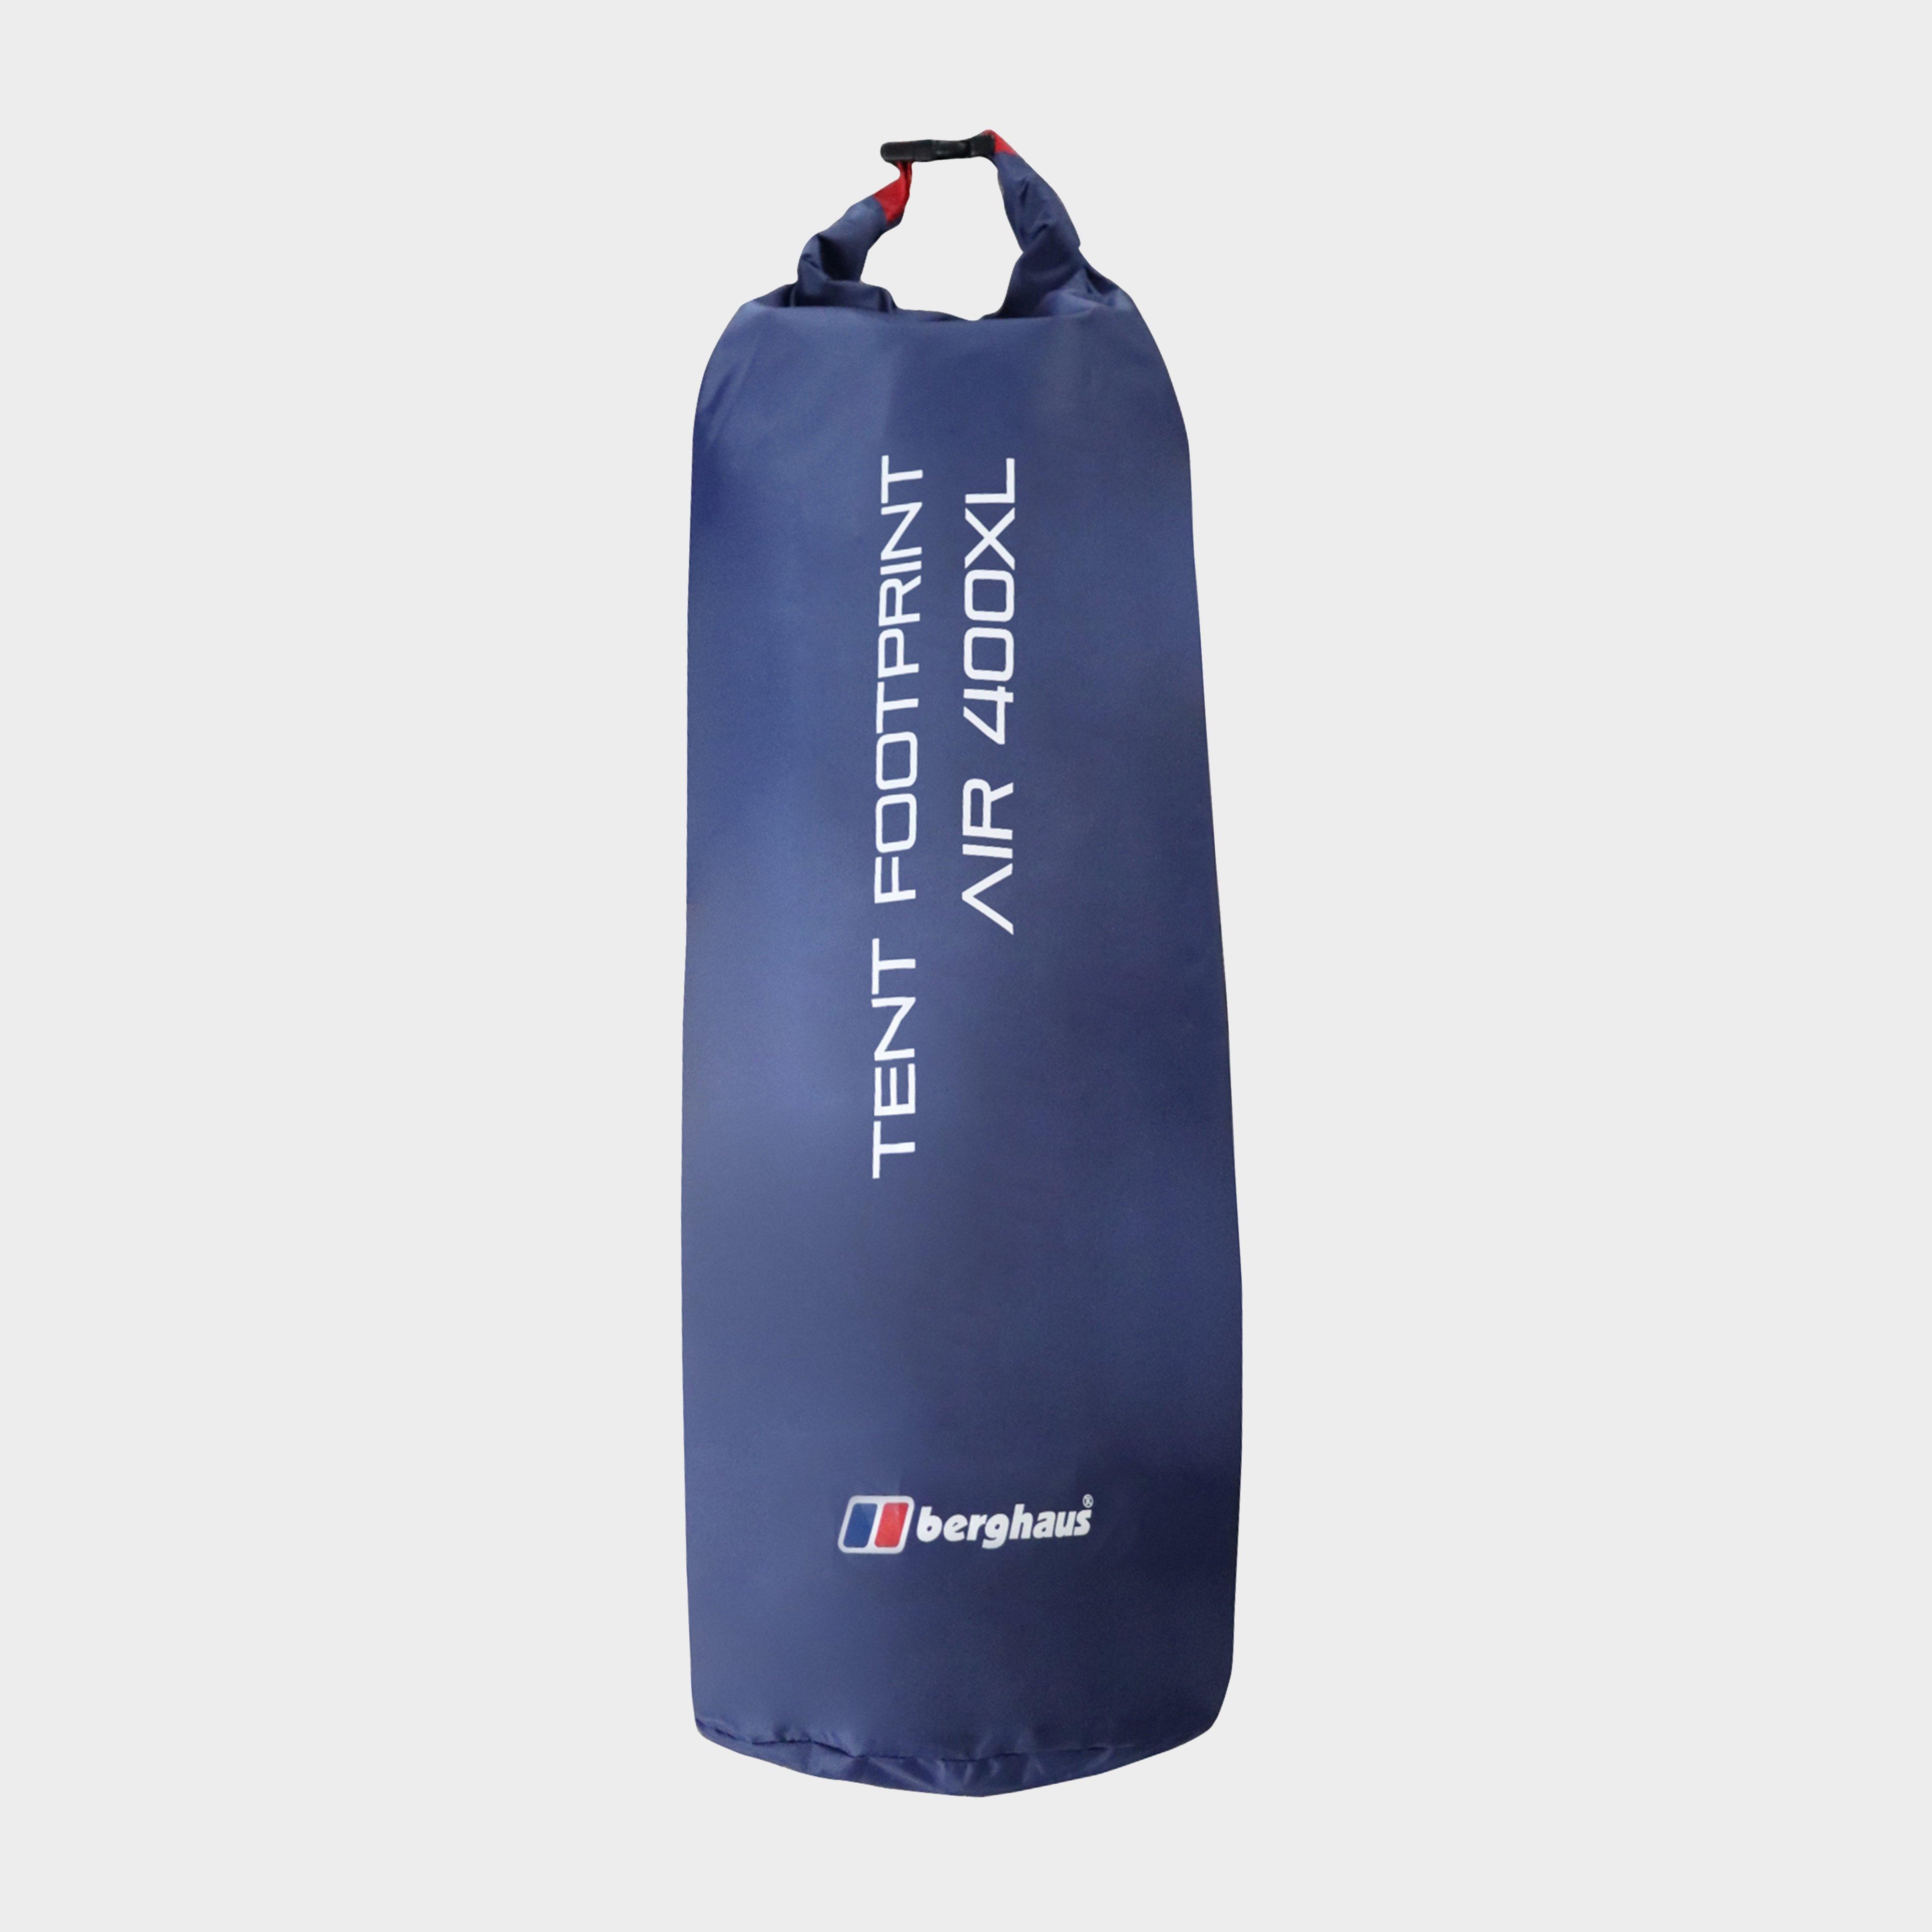 Berghaus Air 4XL Footprint